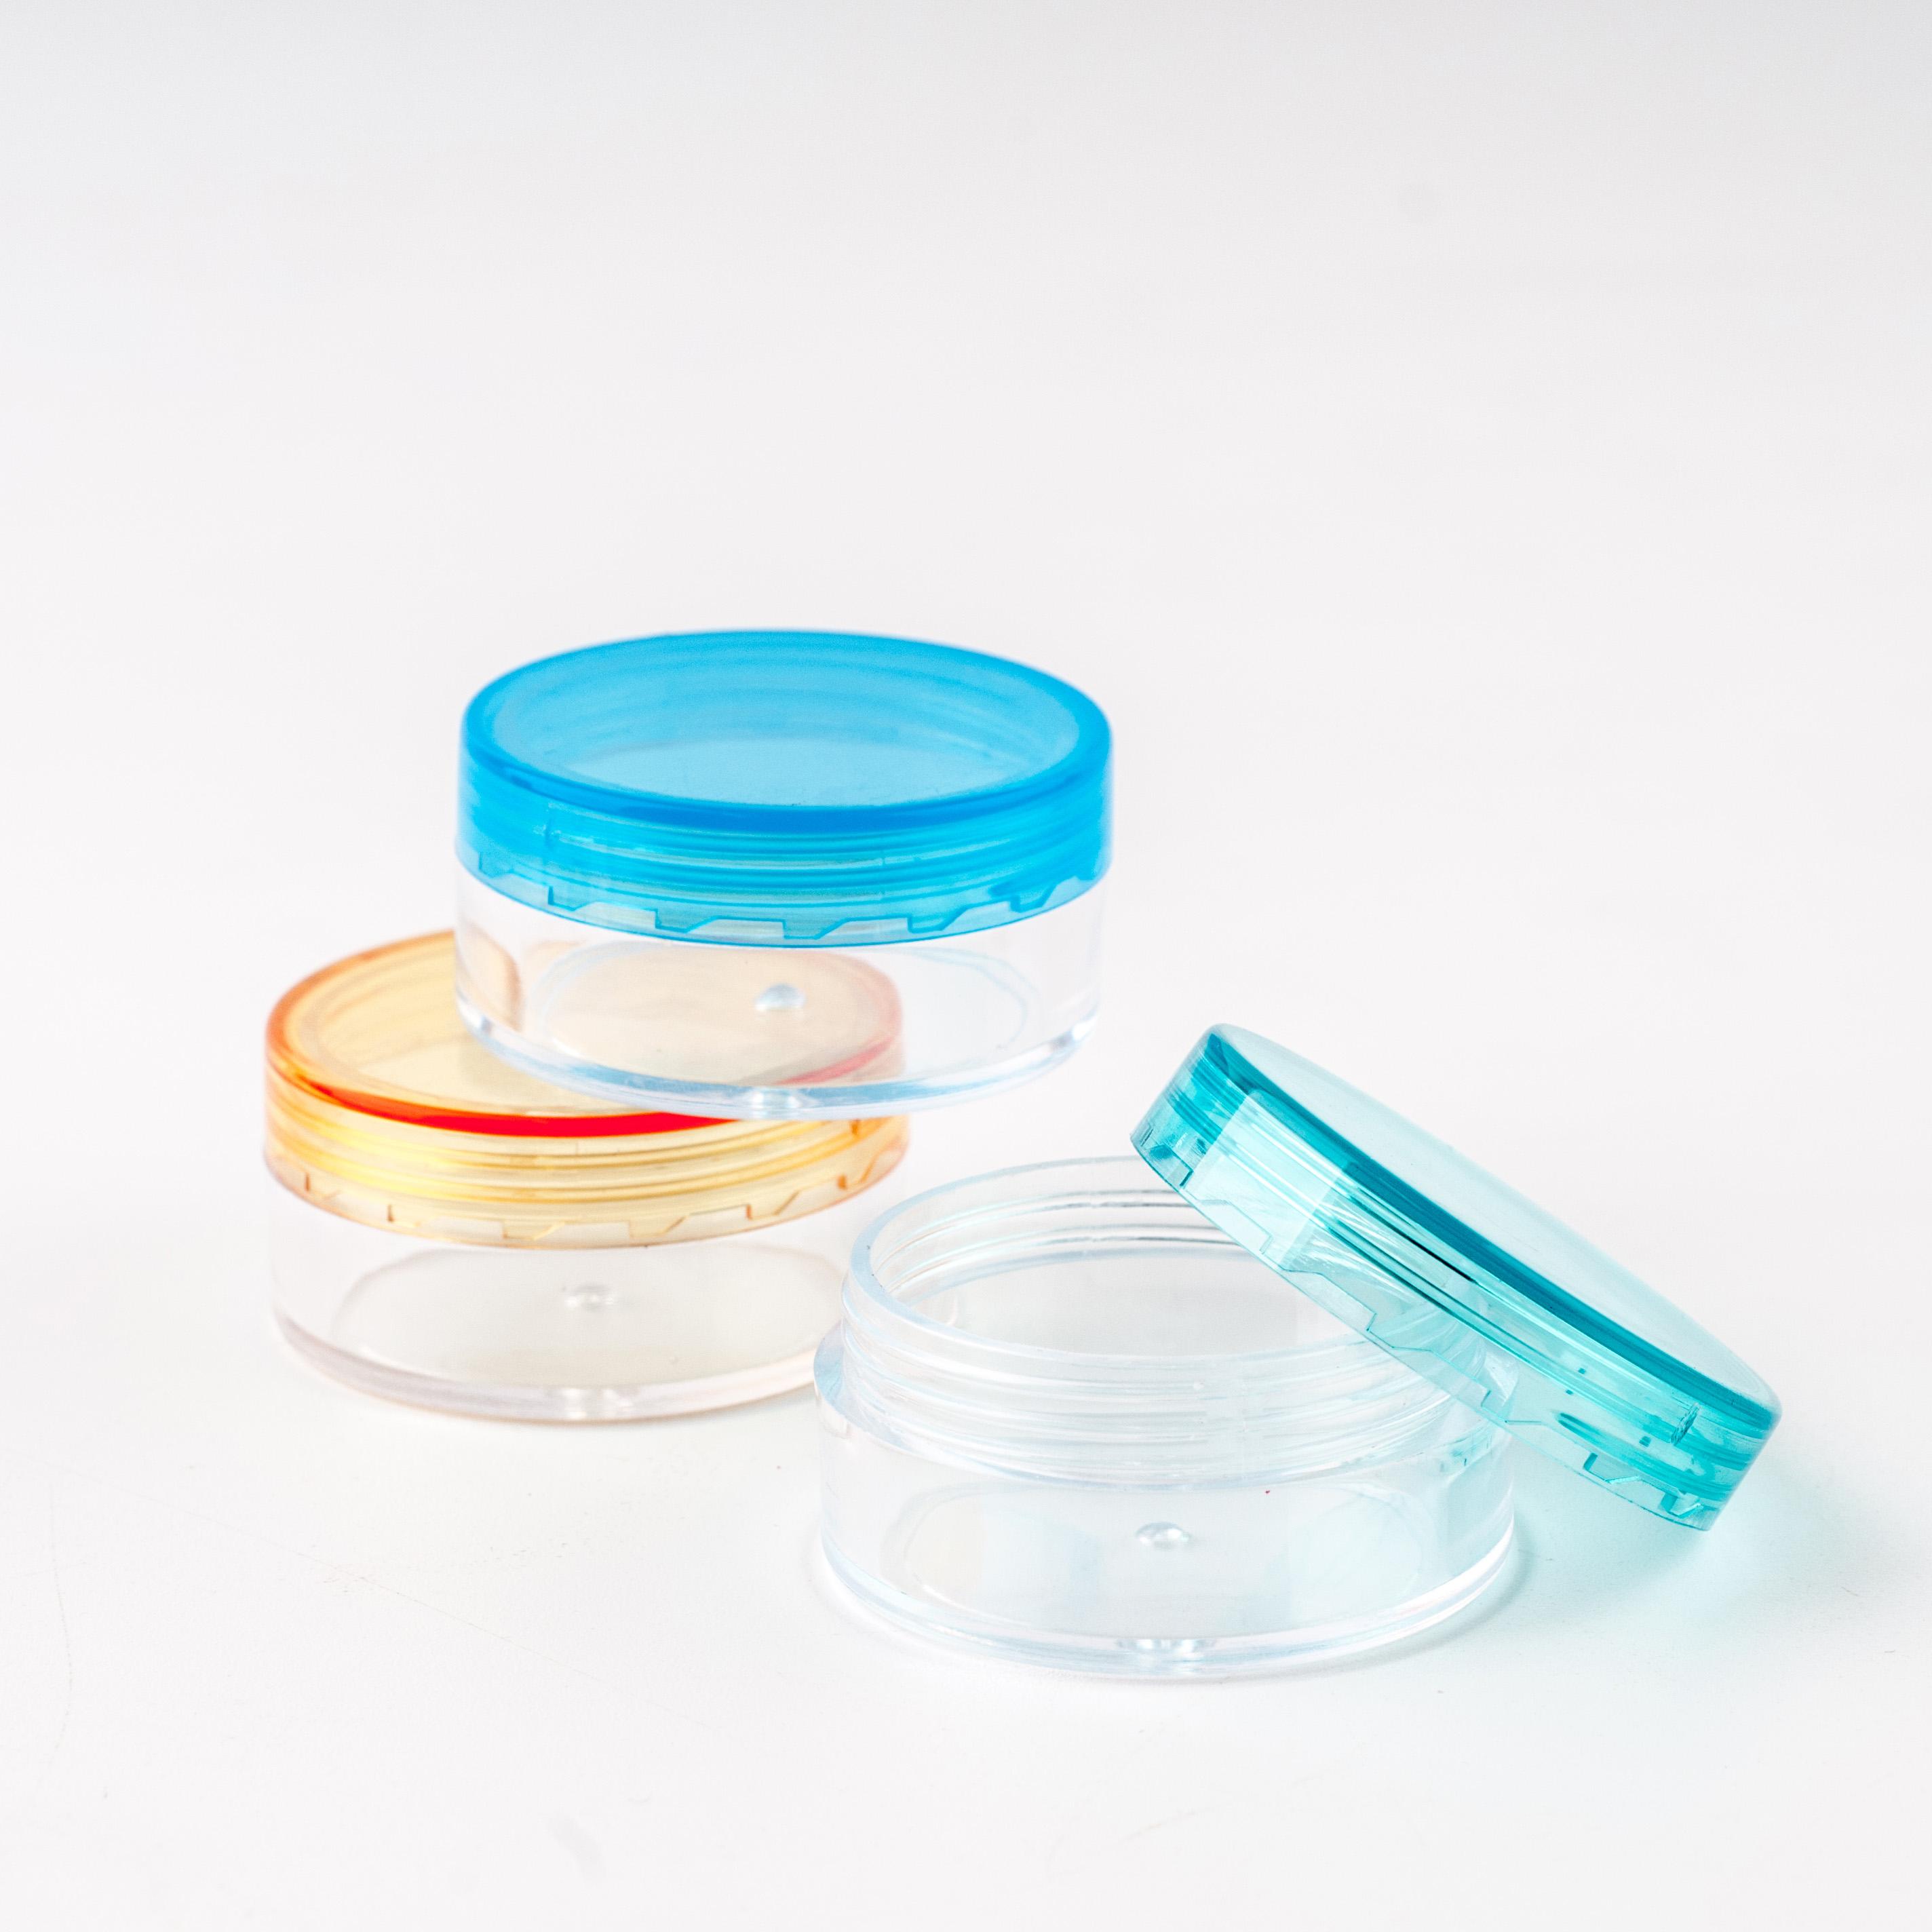 3 г 5 г 10 г 20 г 30 г банка, косметический образец пустой контейнер пластиковая круглая крышка маленькая бутылка